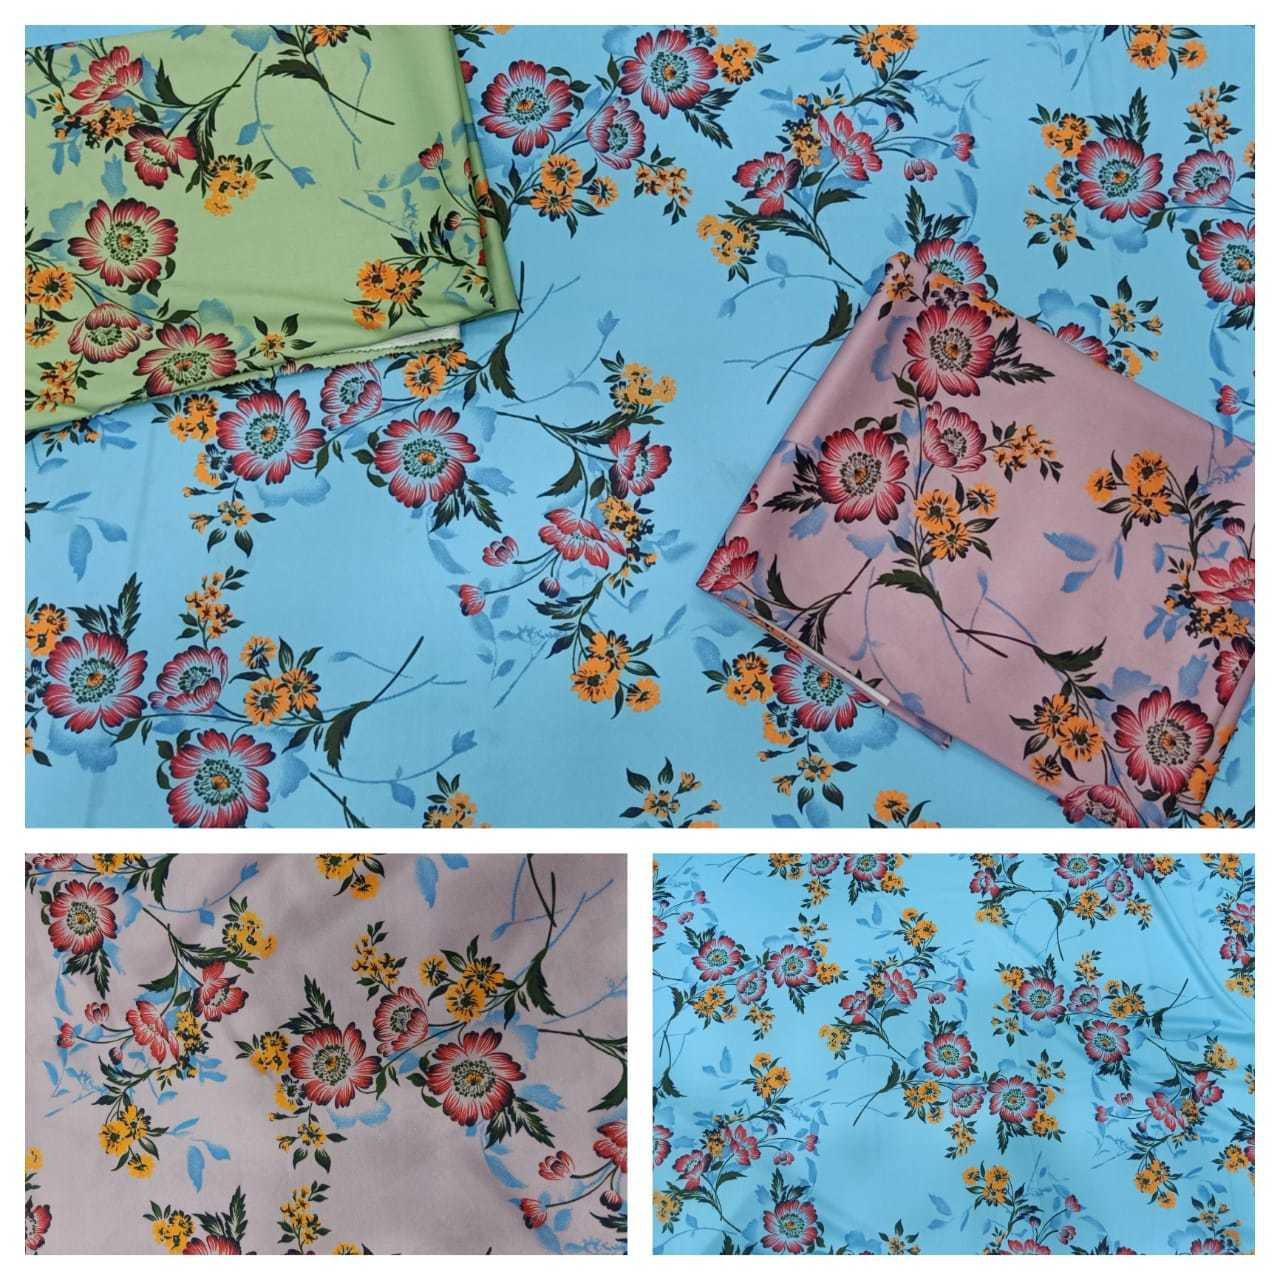 Zurich Stretchable Digital Print Lycra Fabric